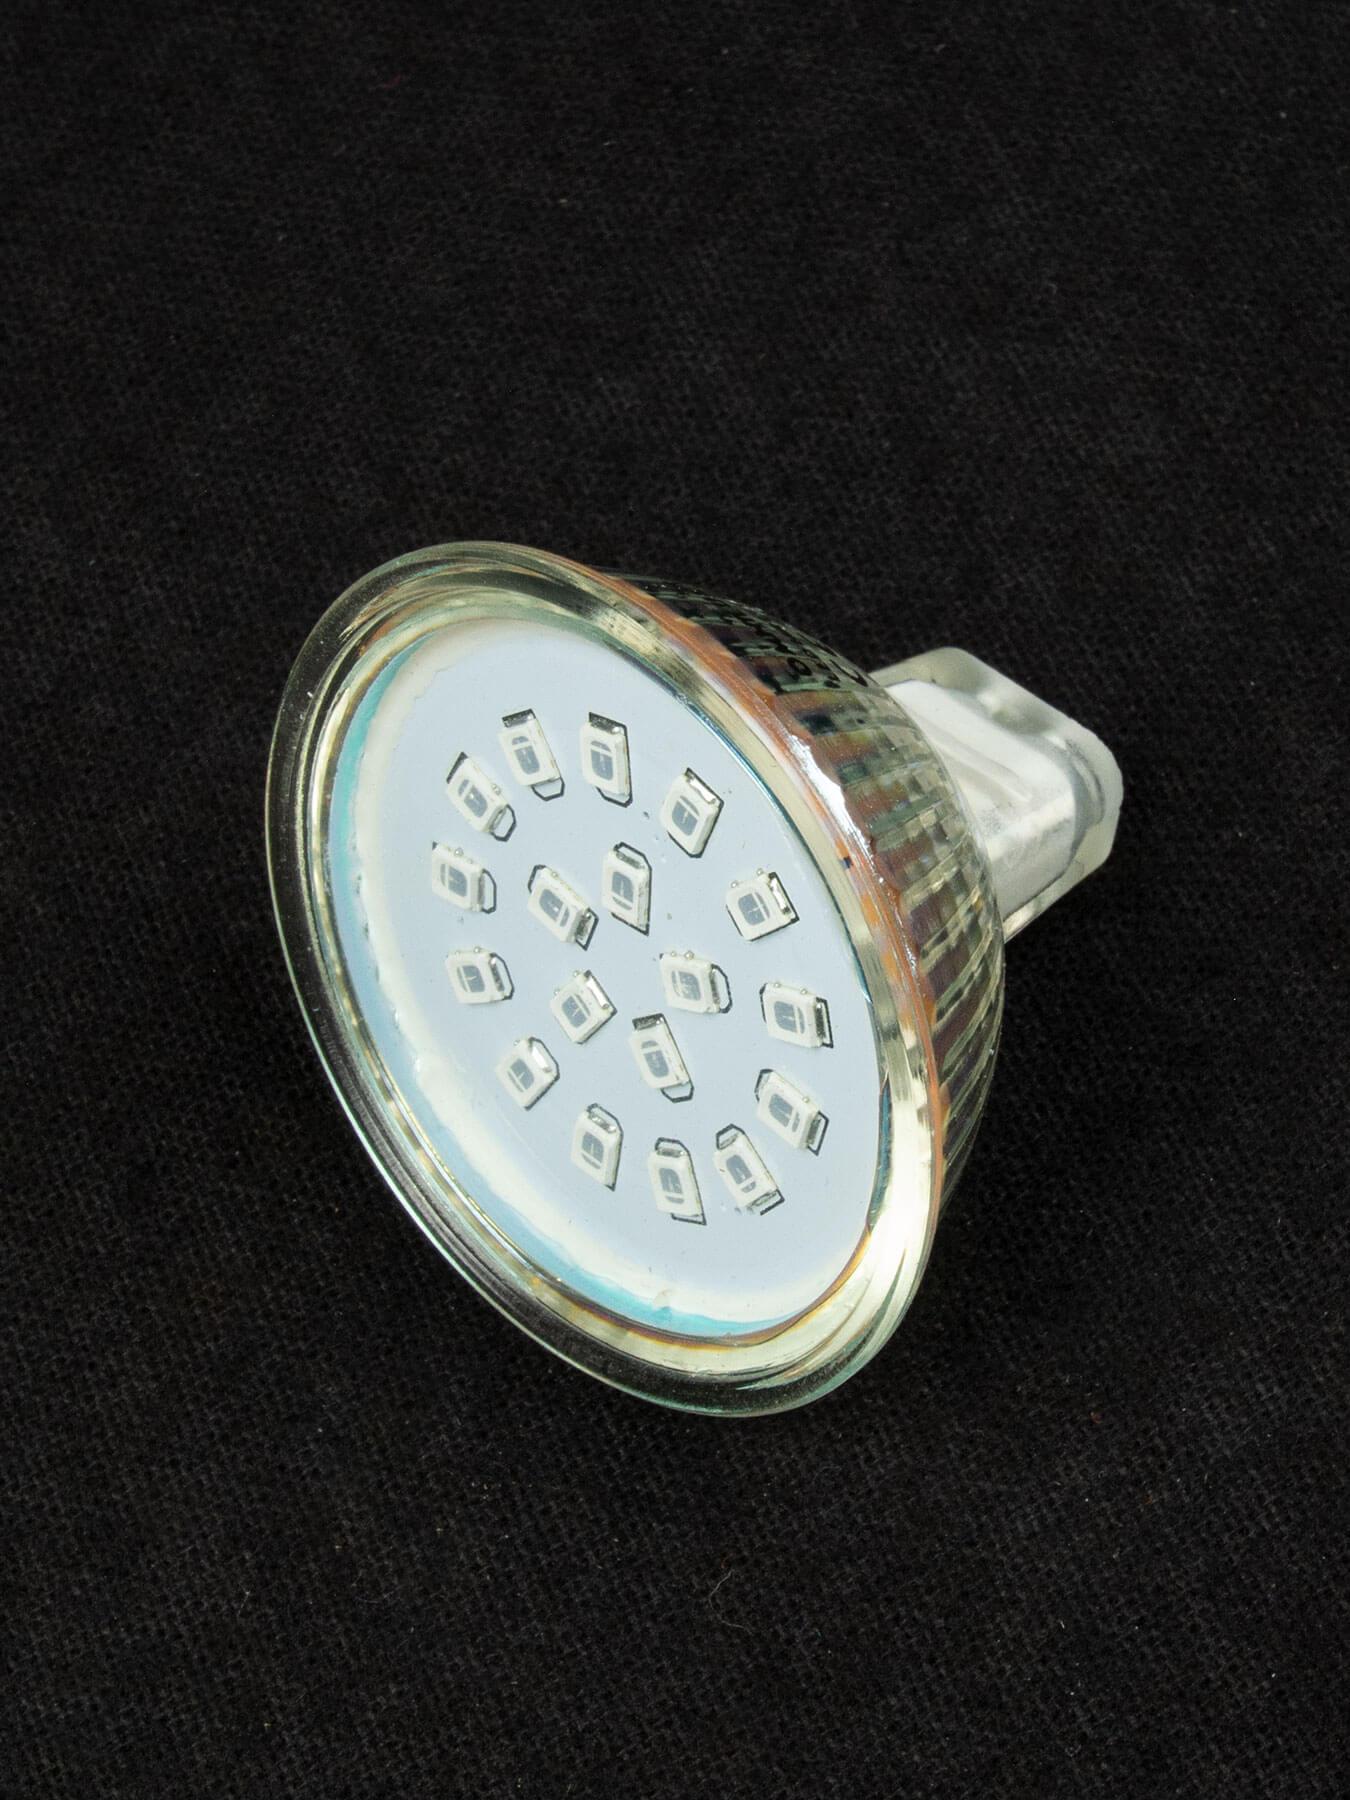 omnilux schwarzlicht smd led lampe mit 18smd leds 12v gx5 3 mr16. Black Bedroom Furniture Sets. Home Design Ideas